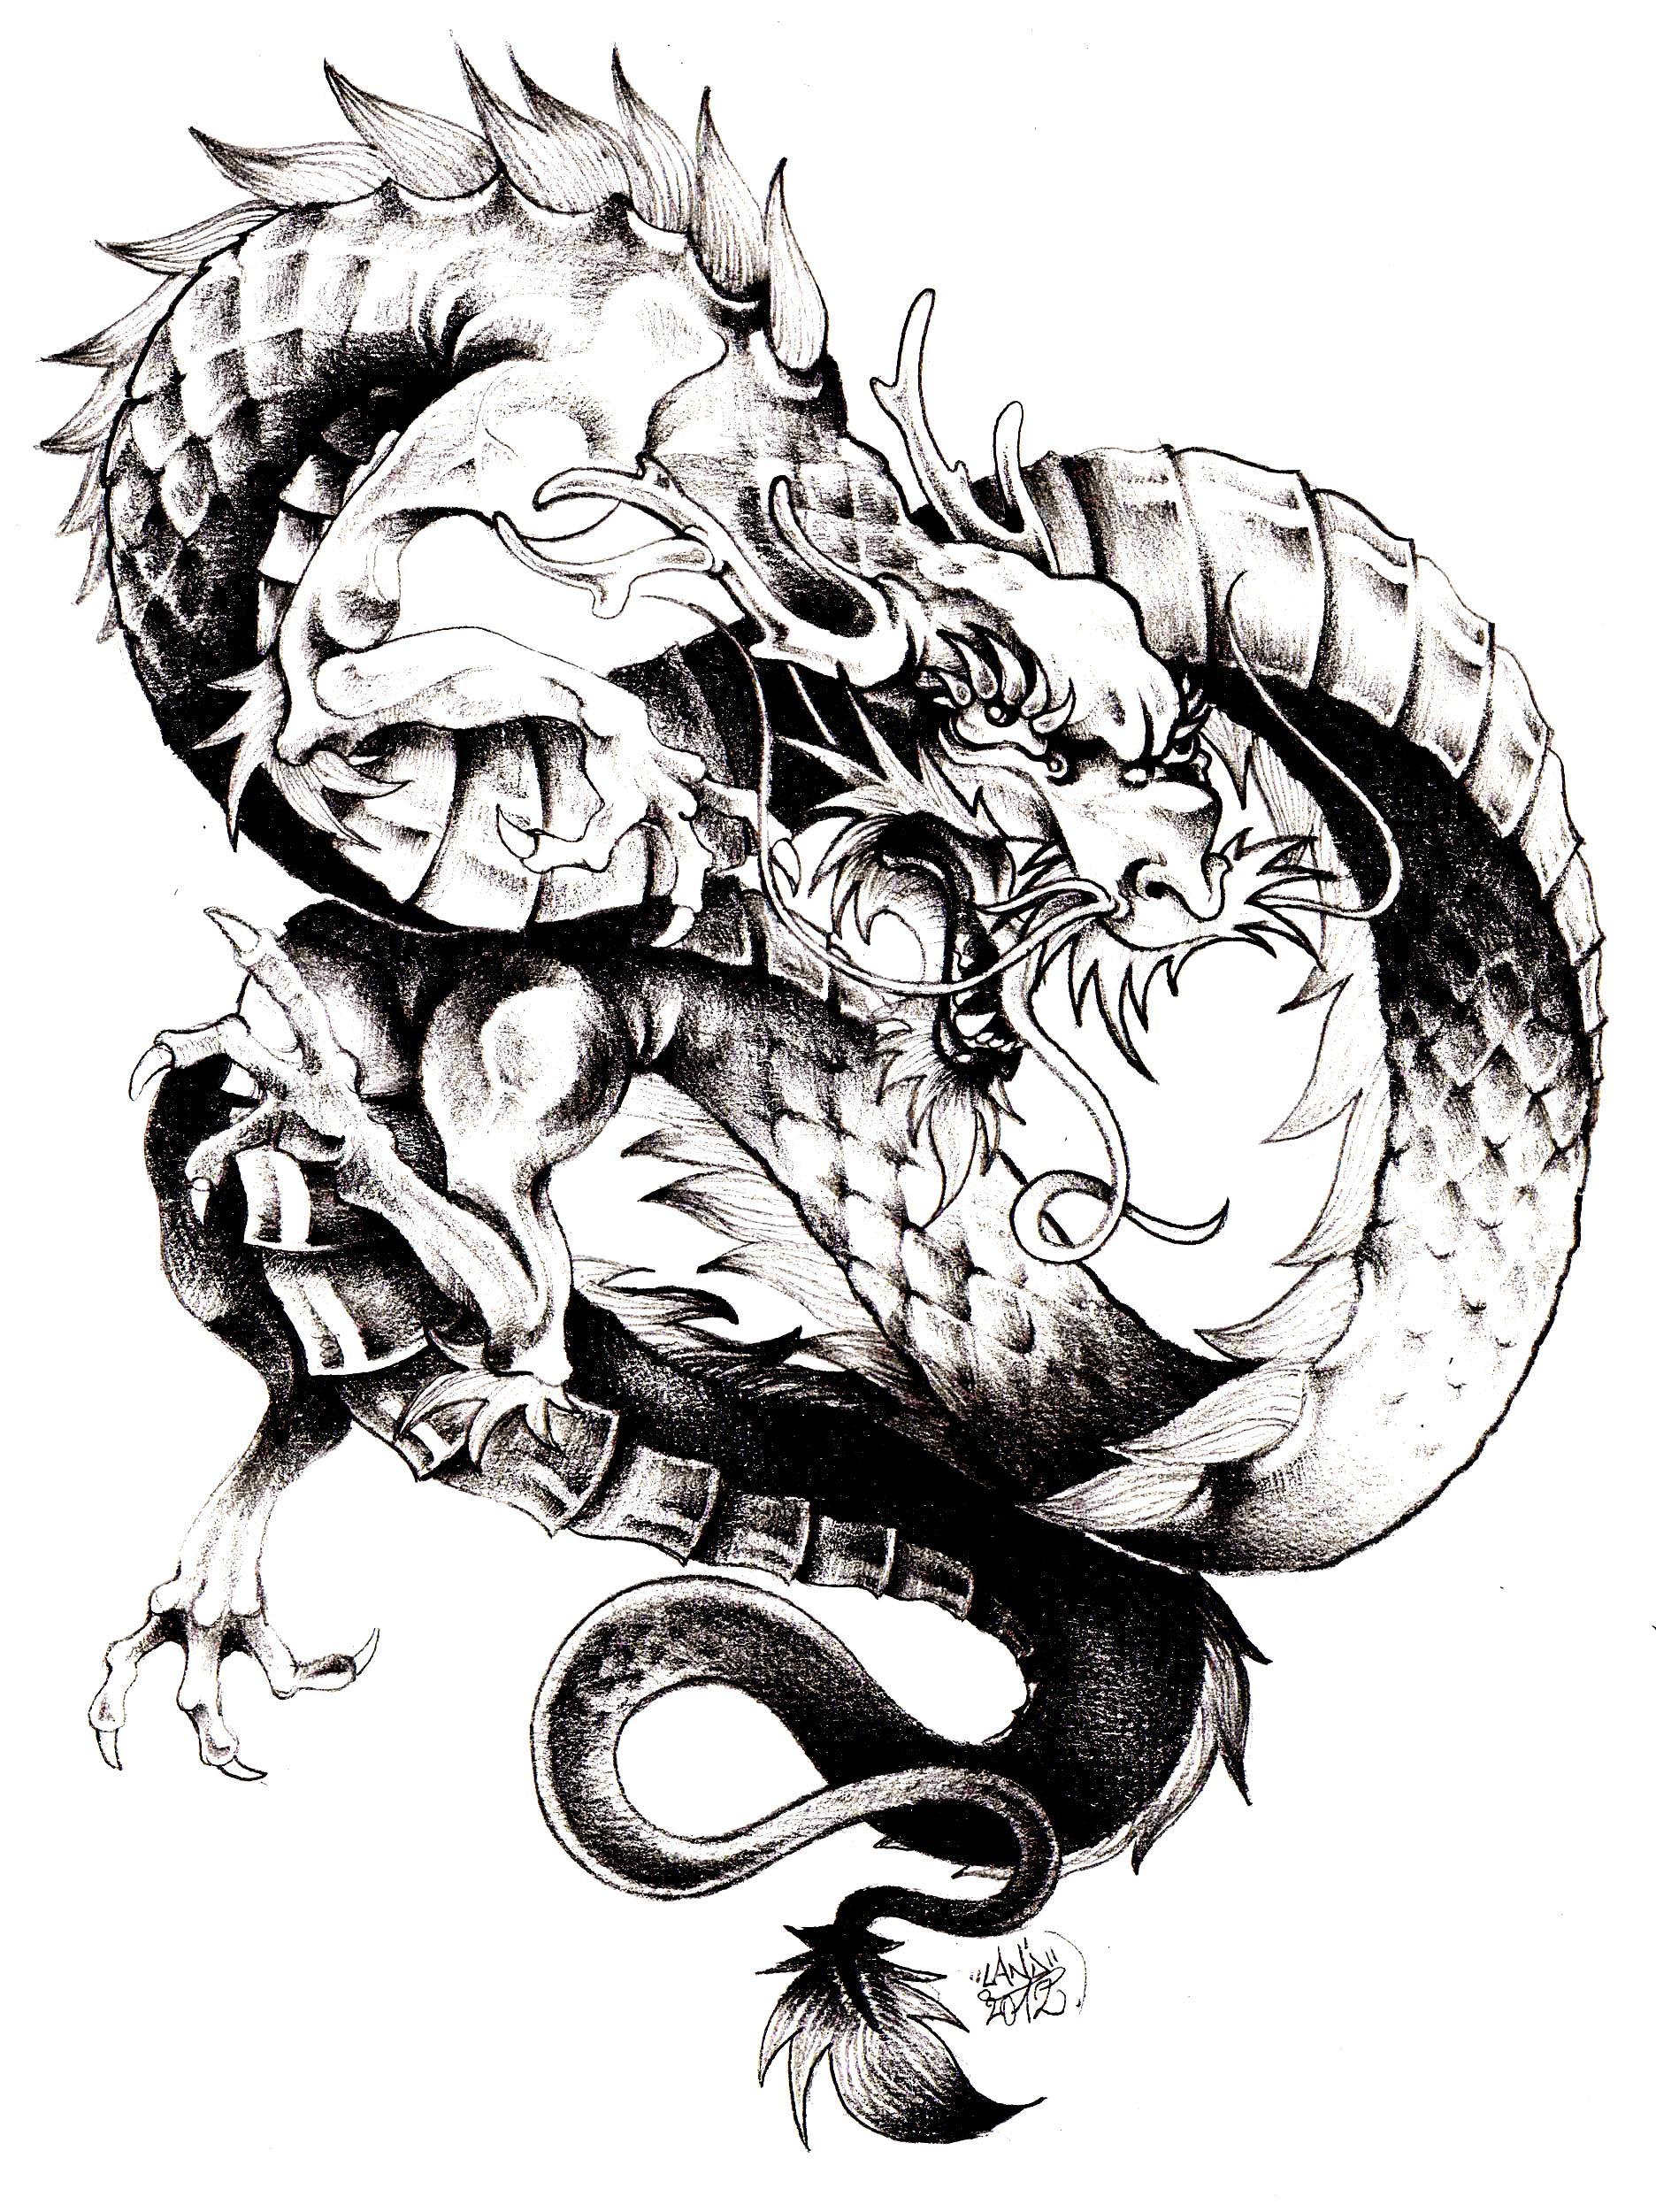 Magnifique dragon chinois imprimer et colorier dans la galerie chine asie coloriage - Dragon japonais dessin ...